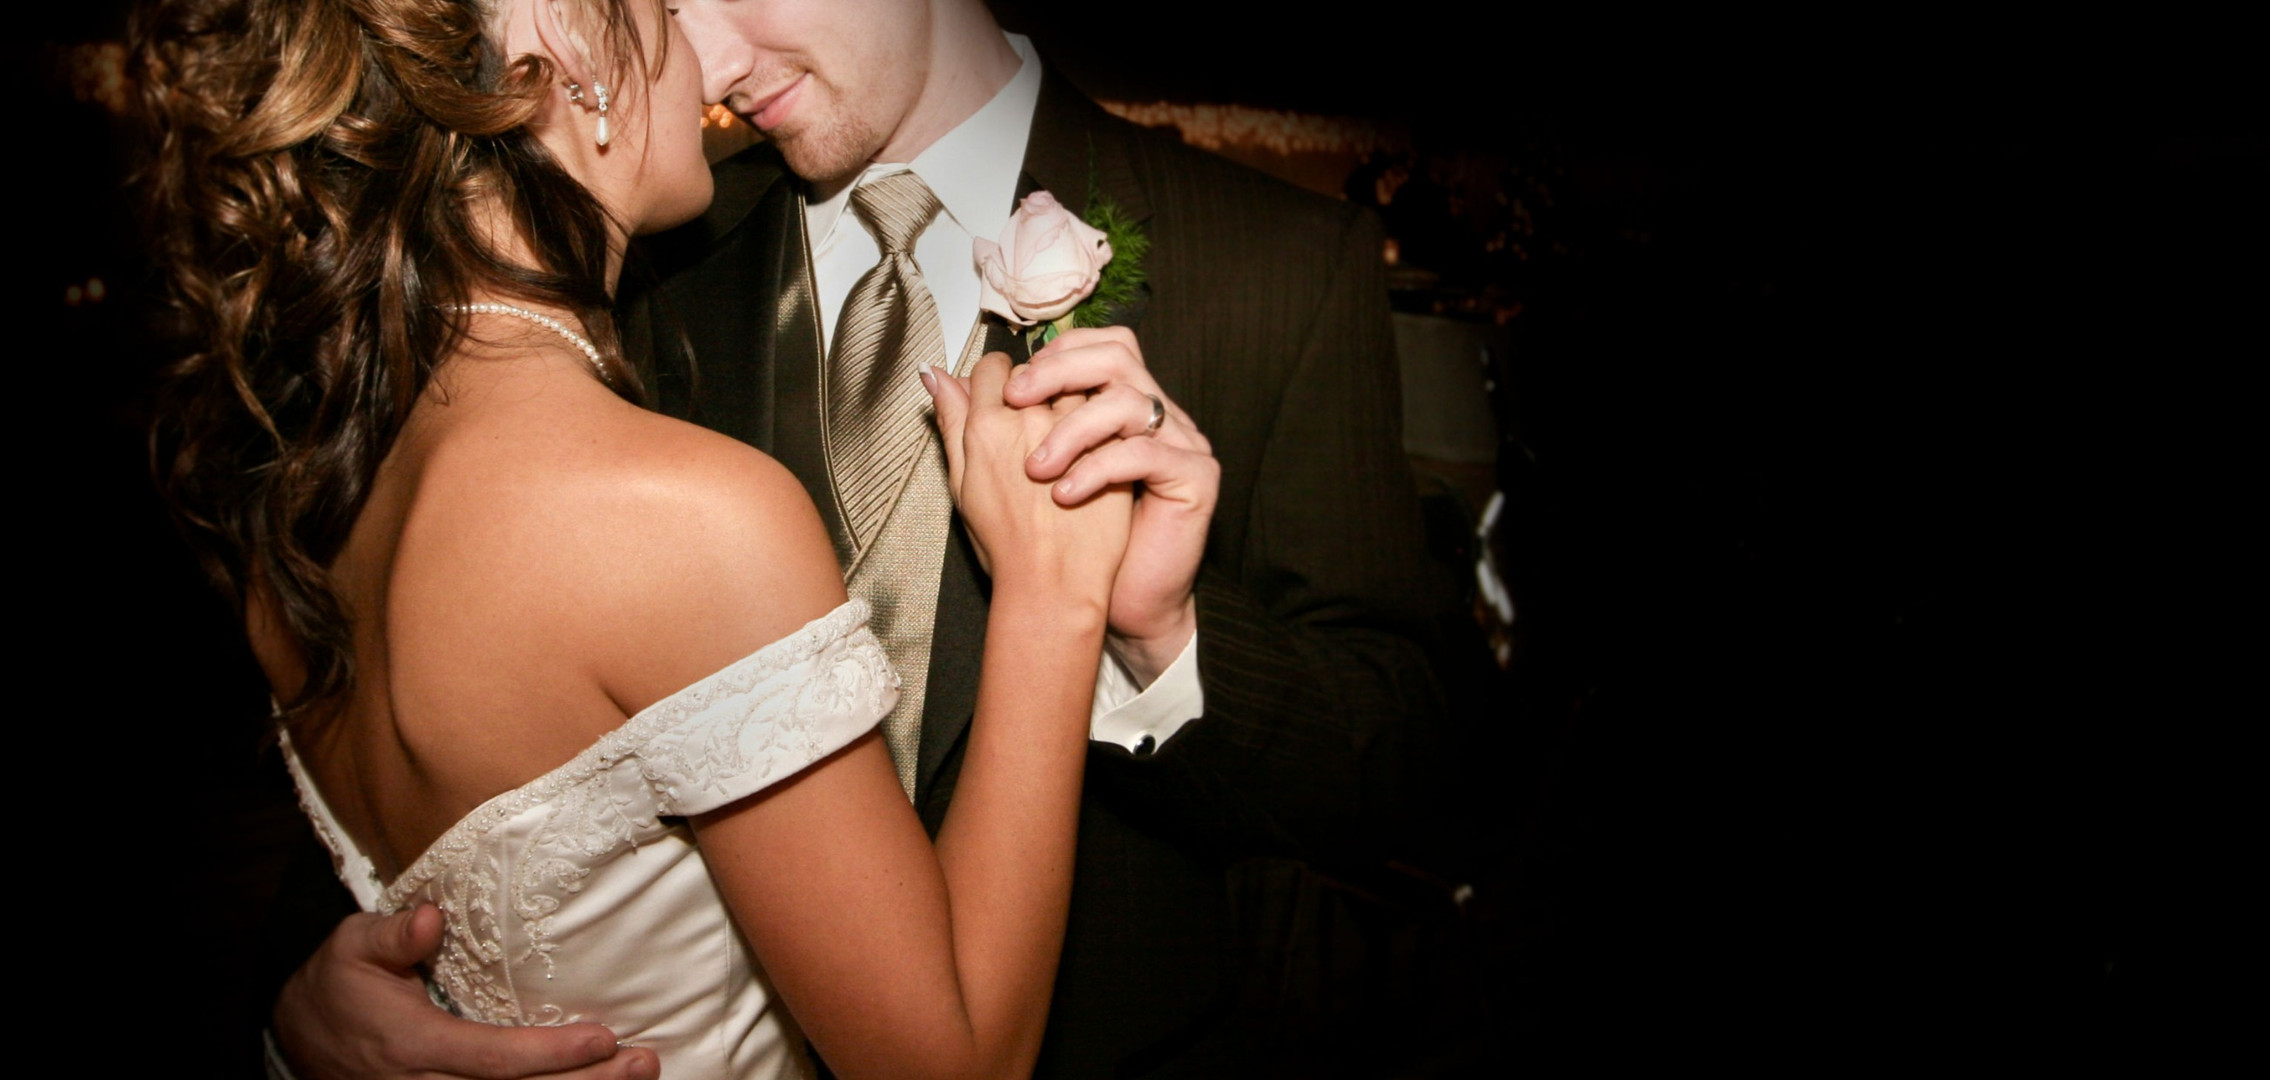 Married%20Dancing%20Couple_edited.jpg